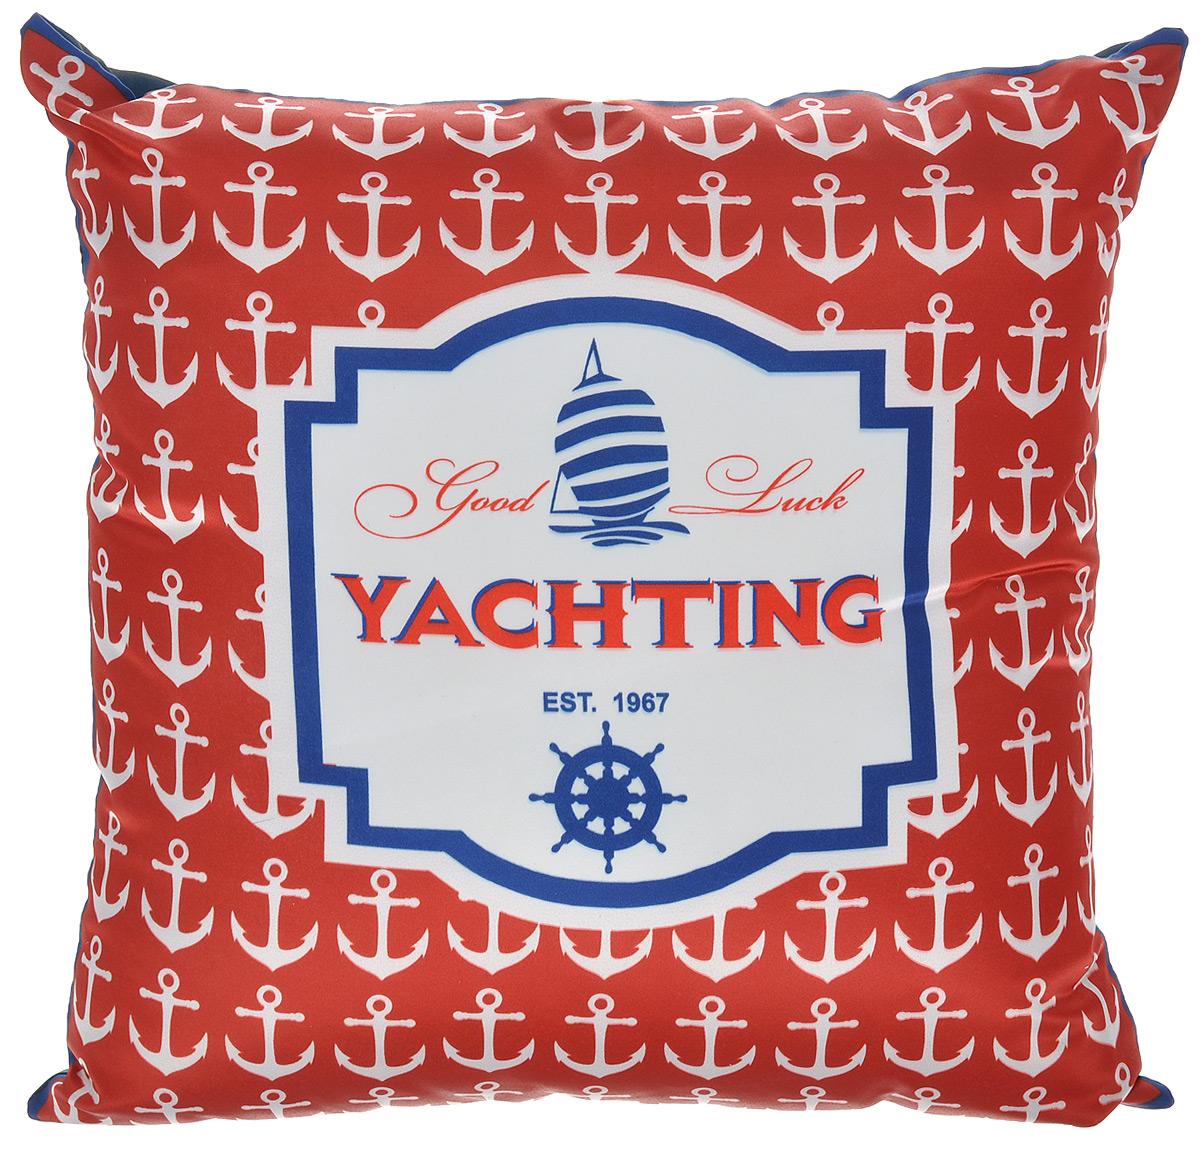 Подушка декоративная GiftnHome Yachting, 35 см х 35 см16051Декоративная подушка GiftnHome Yachting станет прекрасным украшением интерьера помещения. Наволочка выполнена из атласа, внутри - наполнитель из мягкого холлофайбера. Подушка оформлена красивым принтом в морском стиле. Сзади расположена молния, которая позволяет легко снять и постирать чехол.